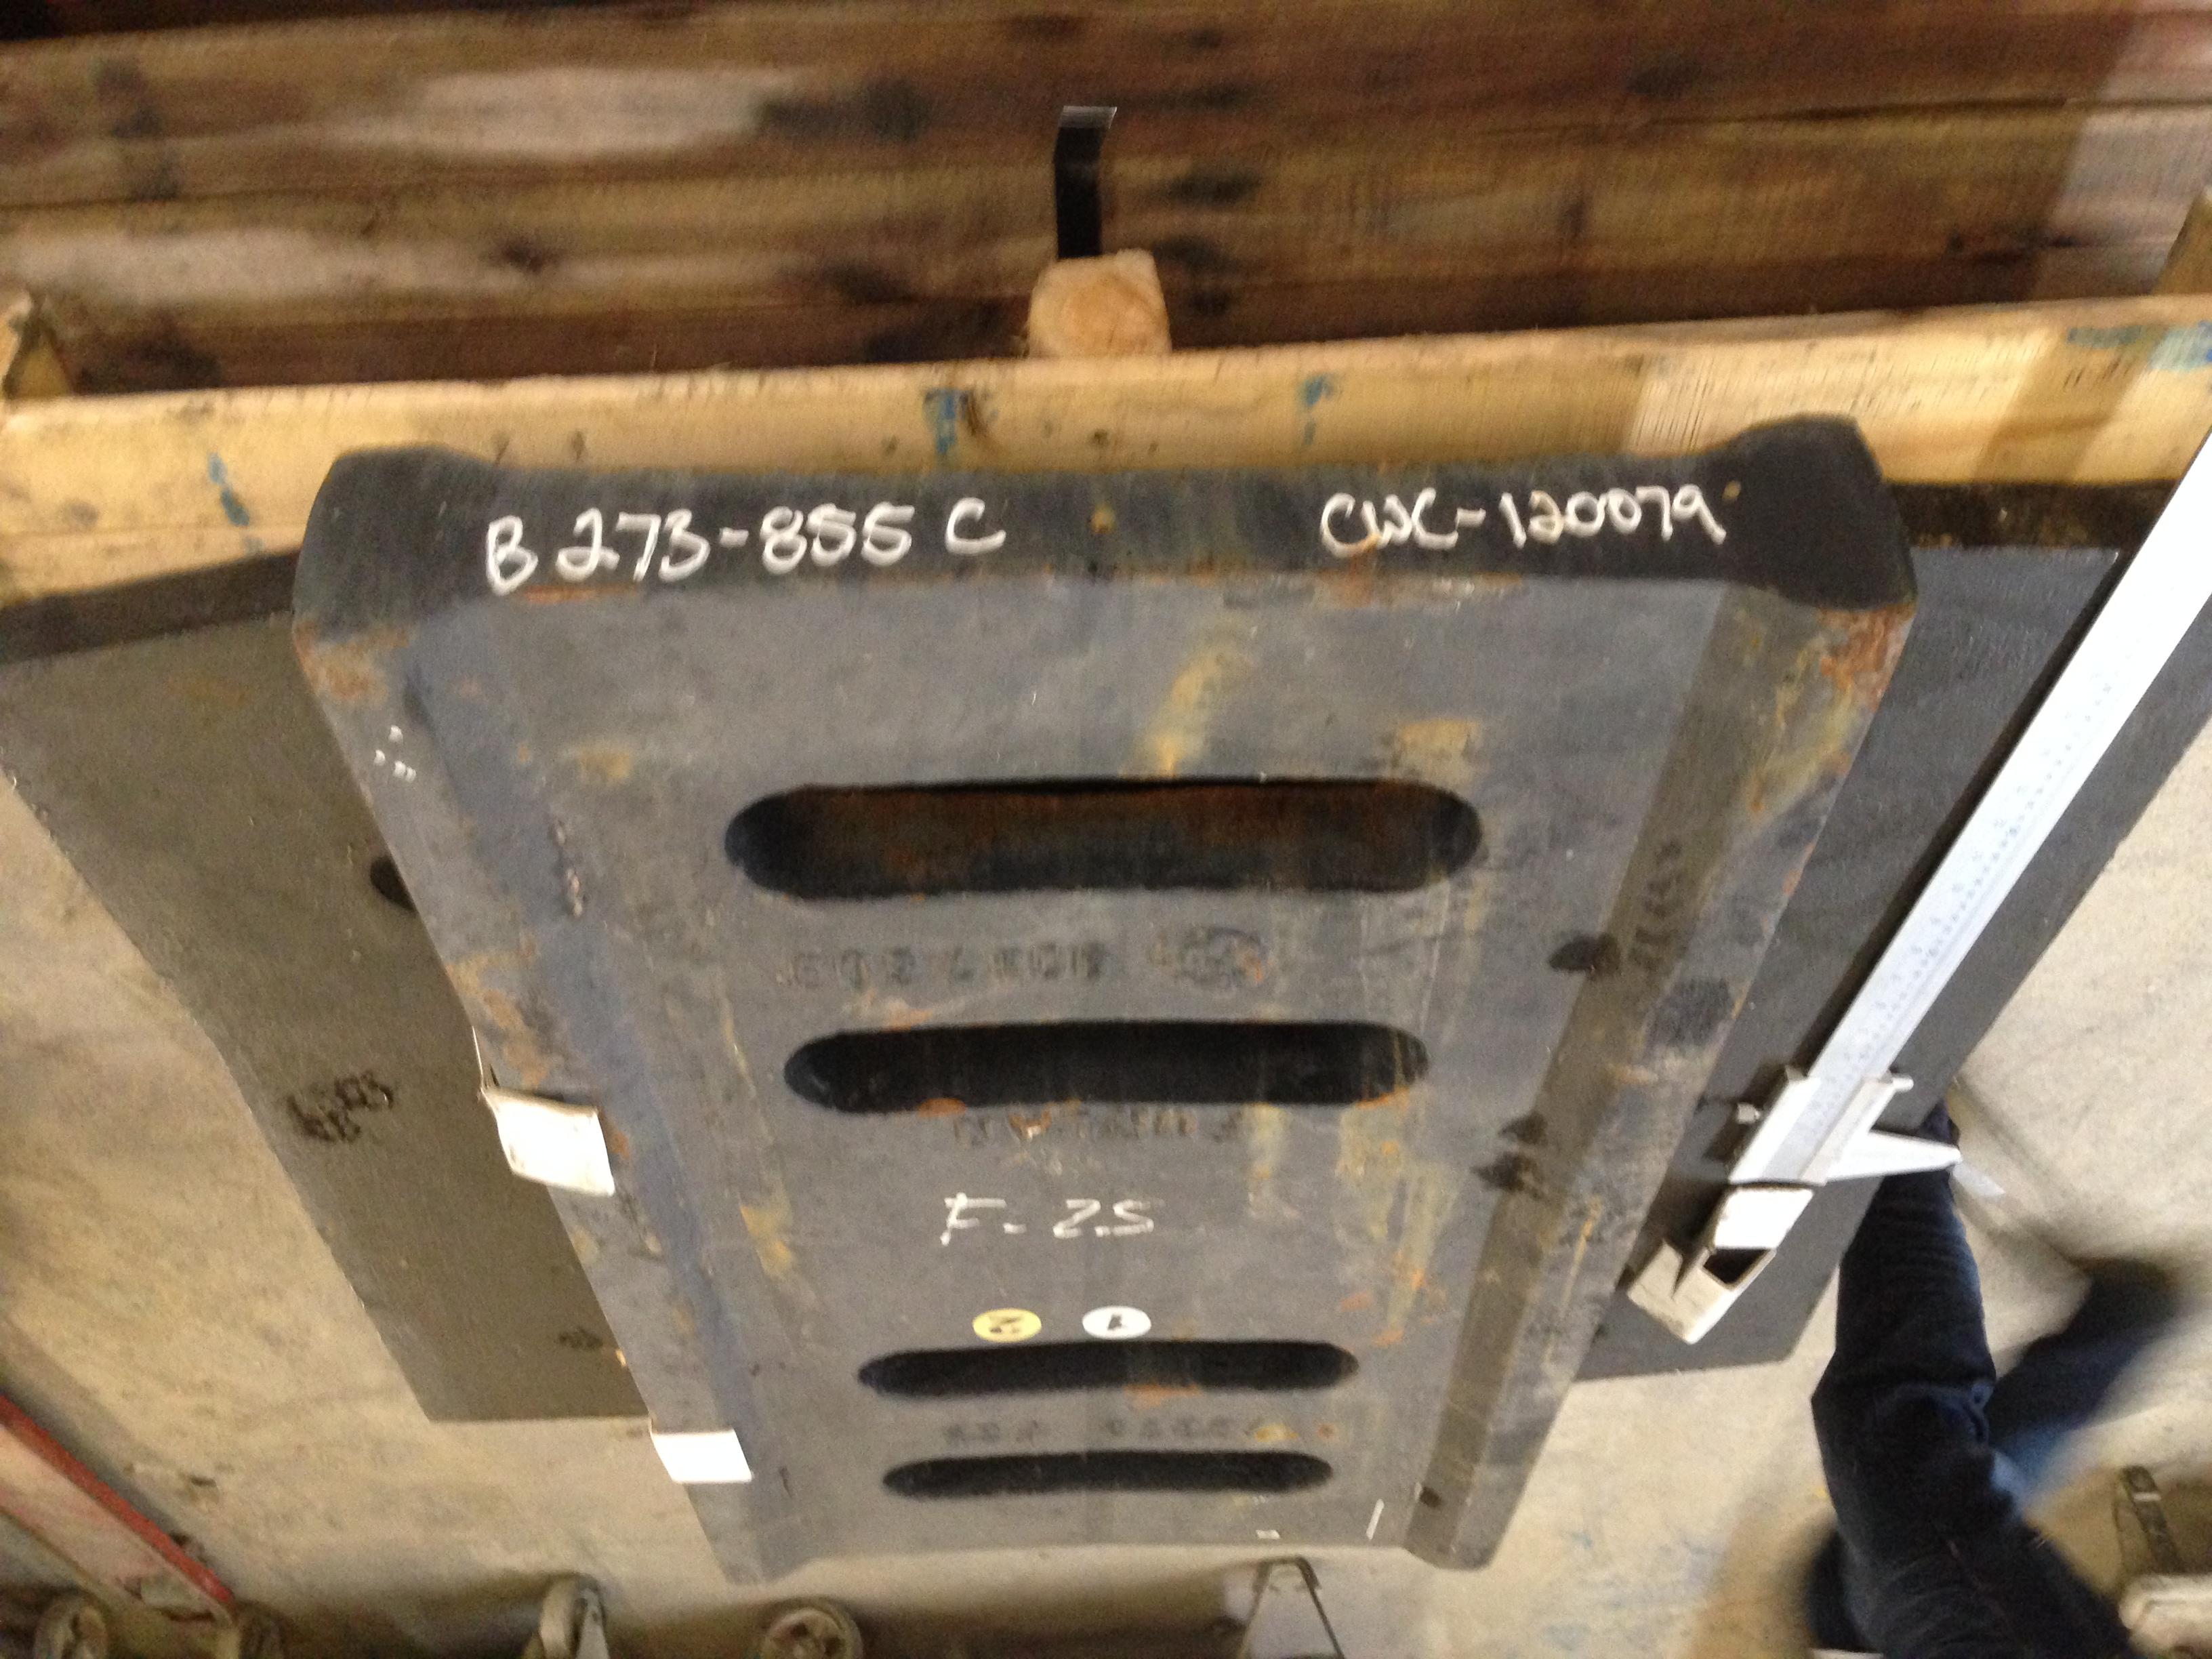 0192C556-4AF0-4547-A779-CAC707BD8F9E - Copy - Copy - Copy - Copy - Copy - Copy - Copy - Copy